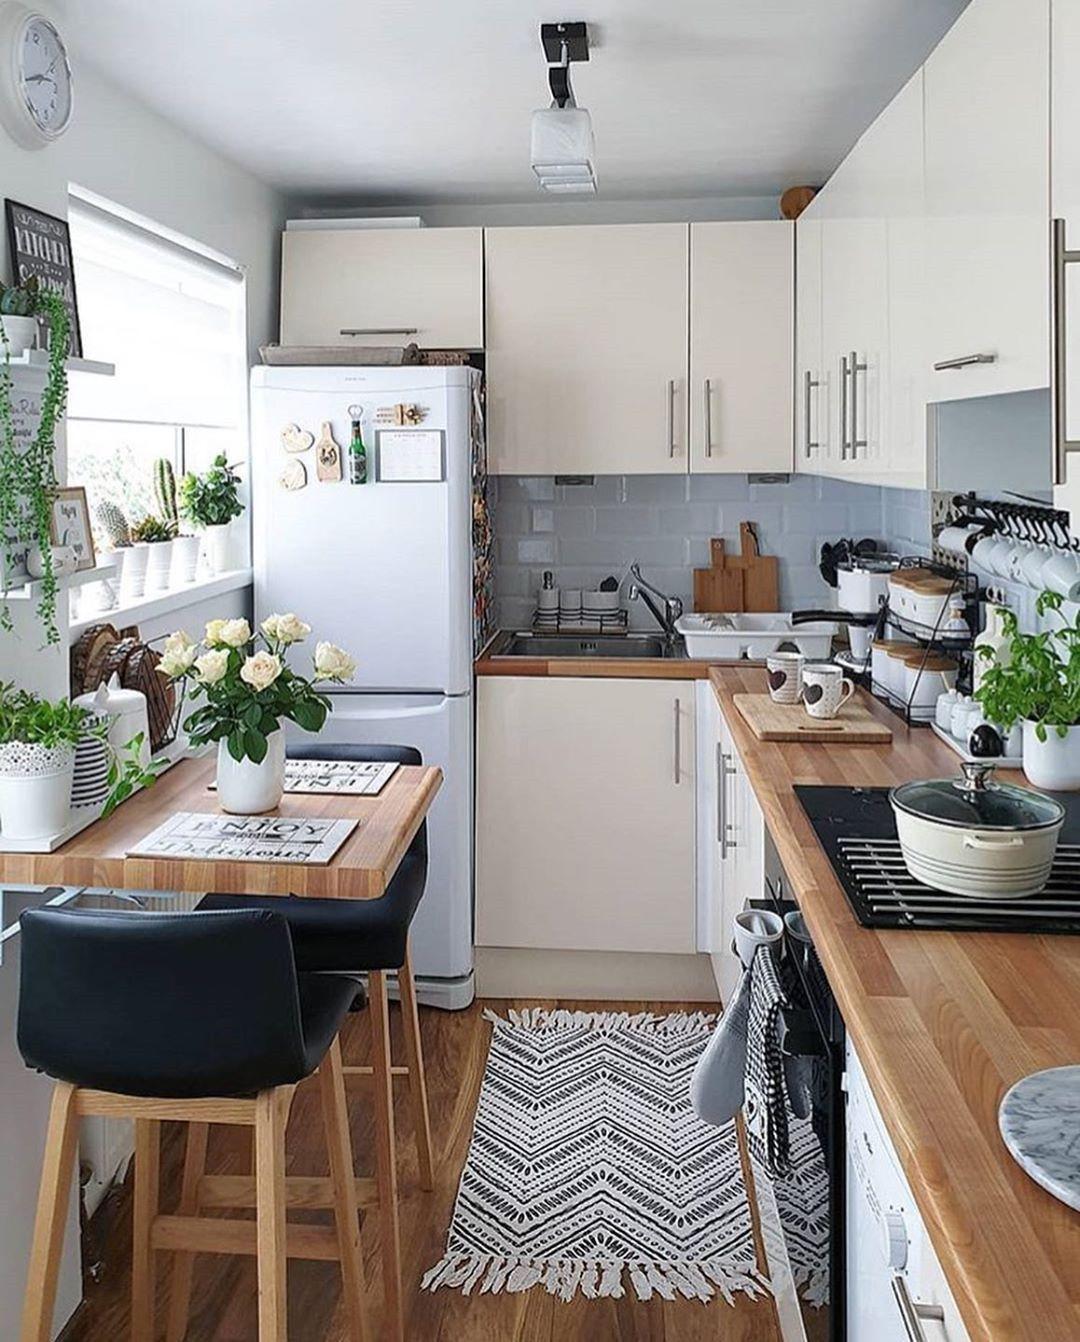 60 Creative Small Kitchen Design And Organization Ideas Small